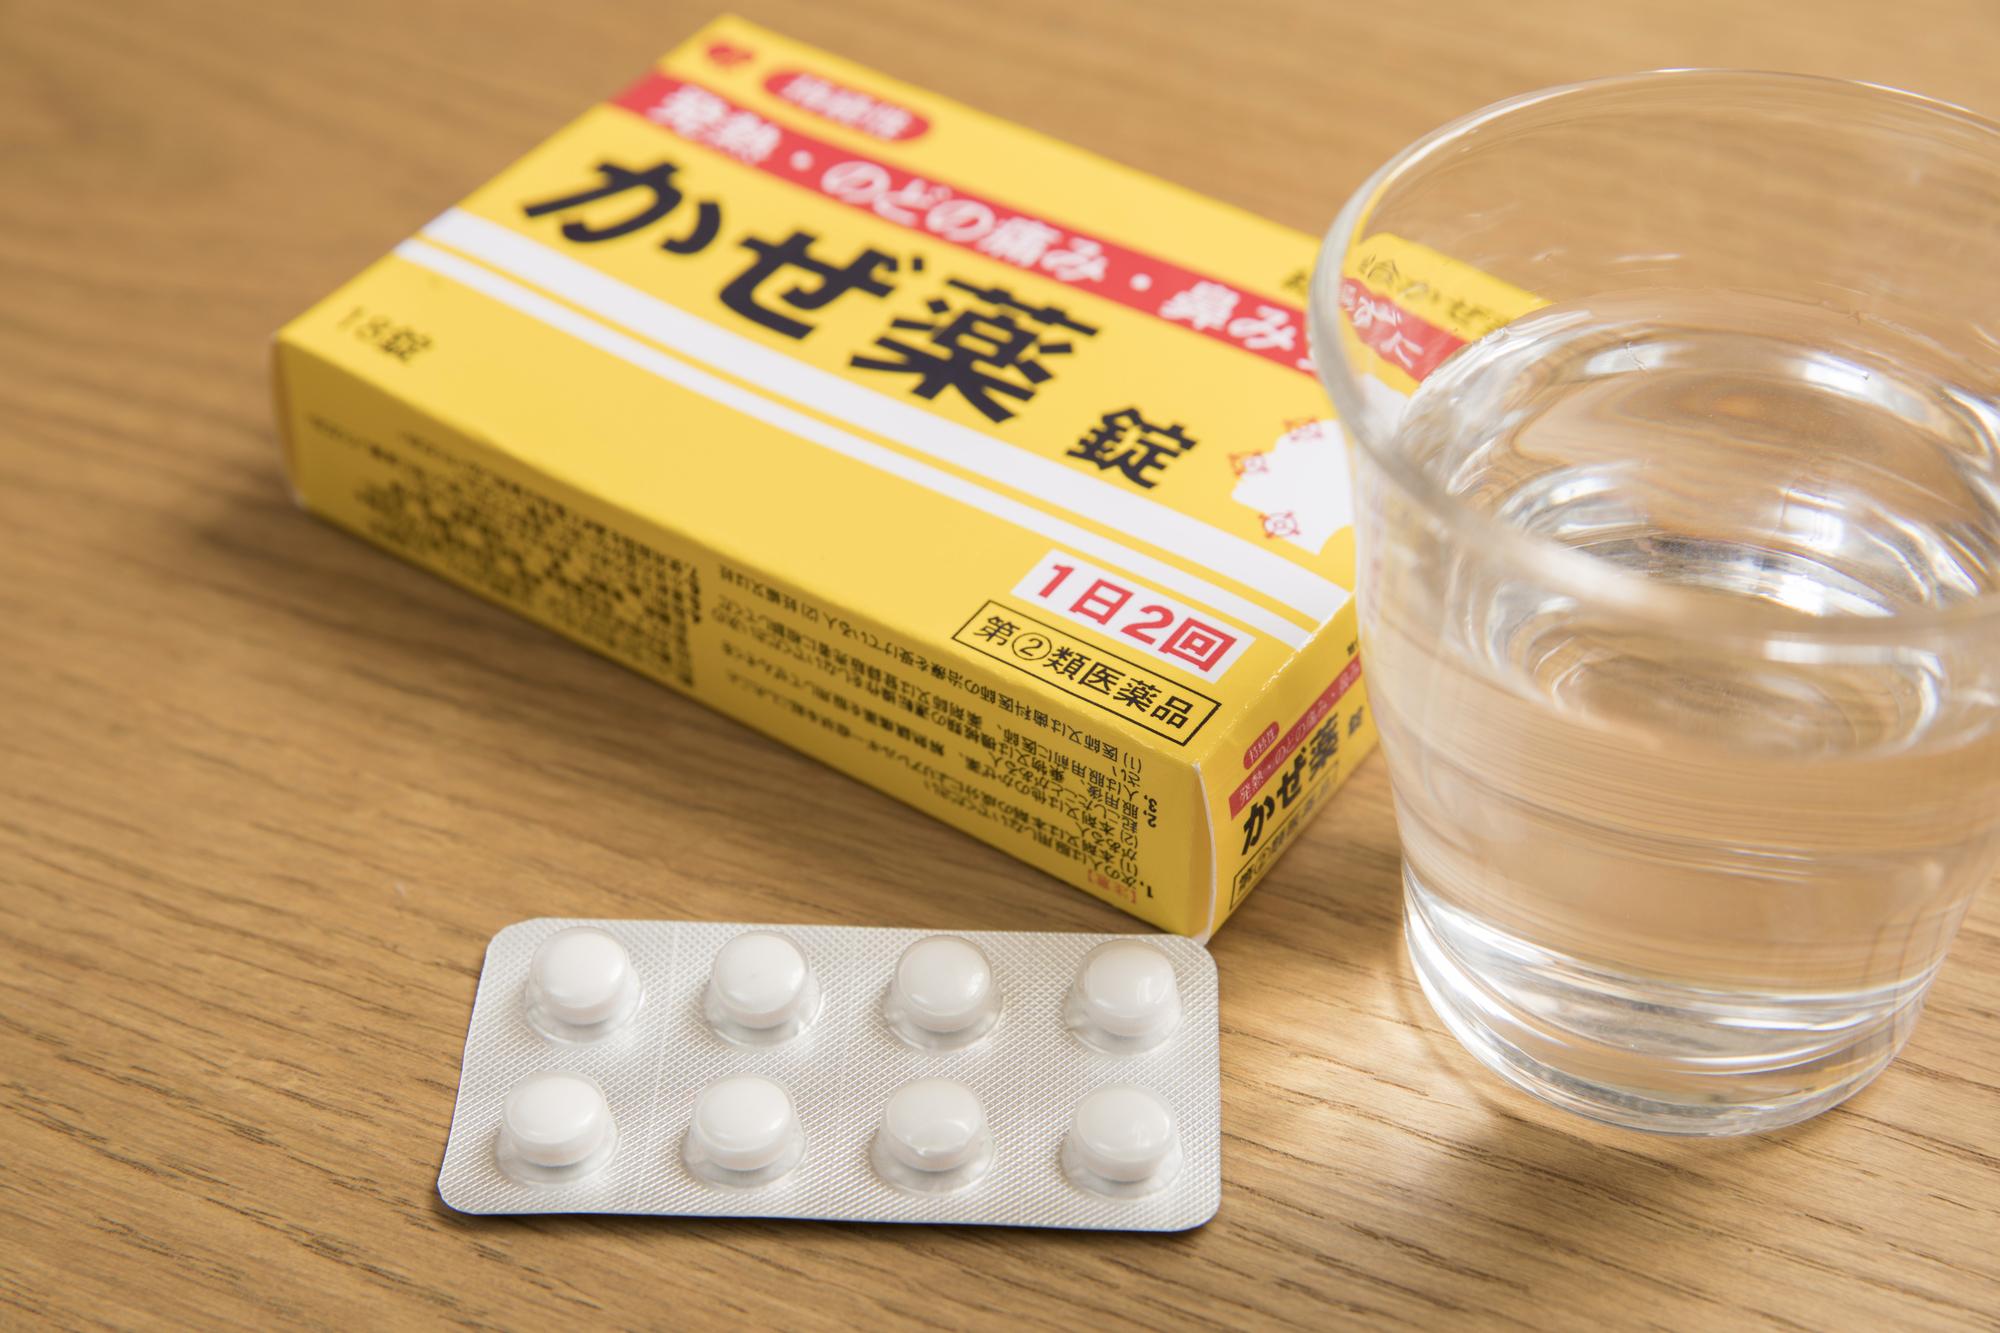 喉 の 痛み 抗生 物質